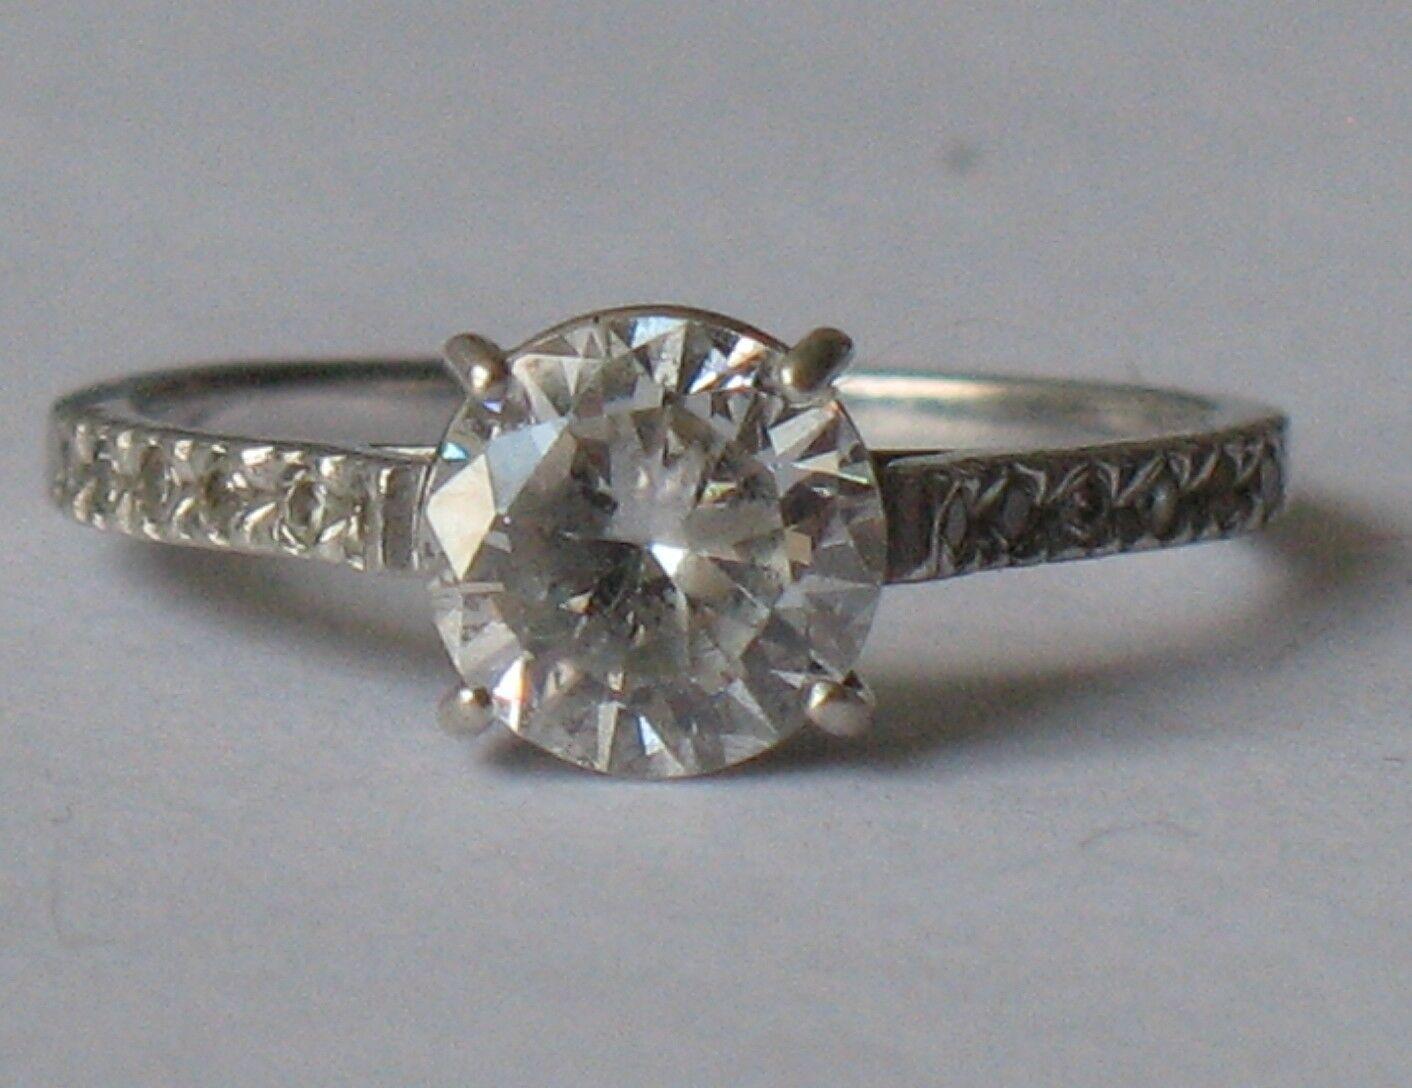 Antique Ukraine Sterling Silver 925 Ag Ring sz 7.5 Stone Fianit Chrystal White N